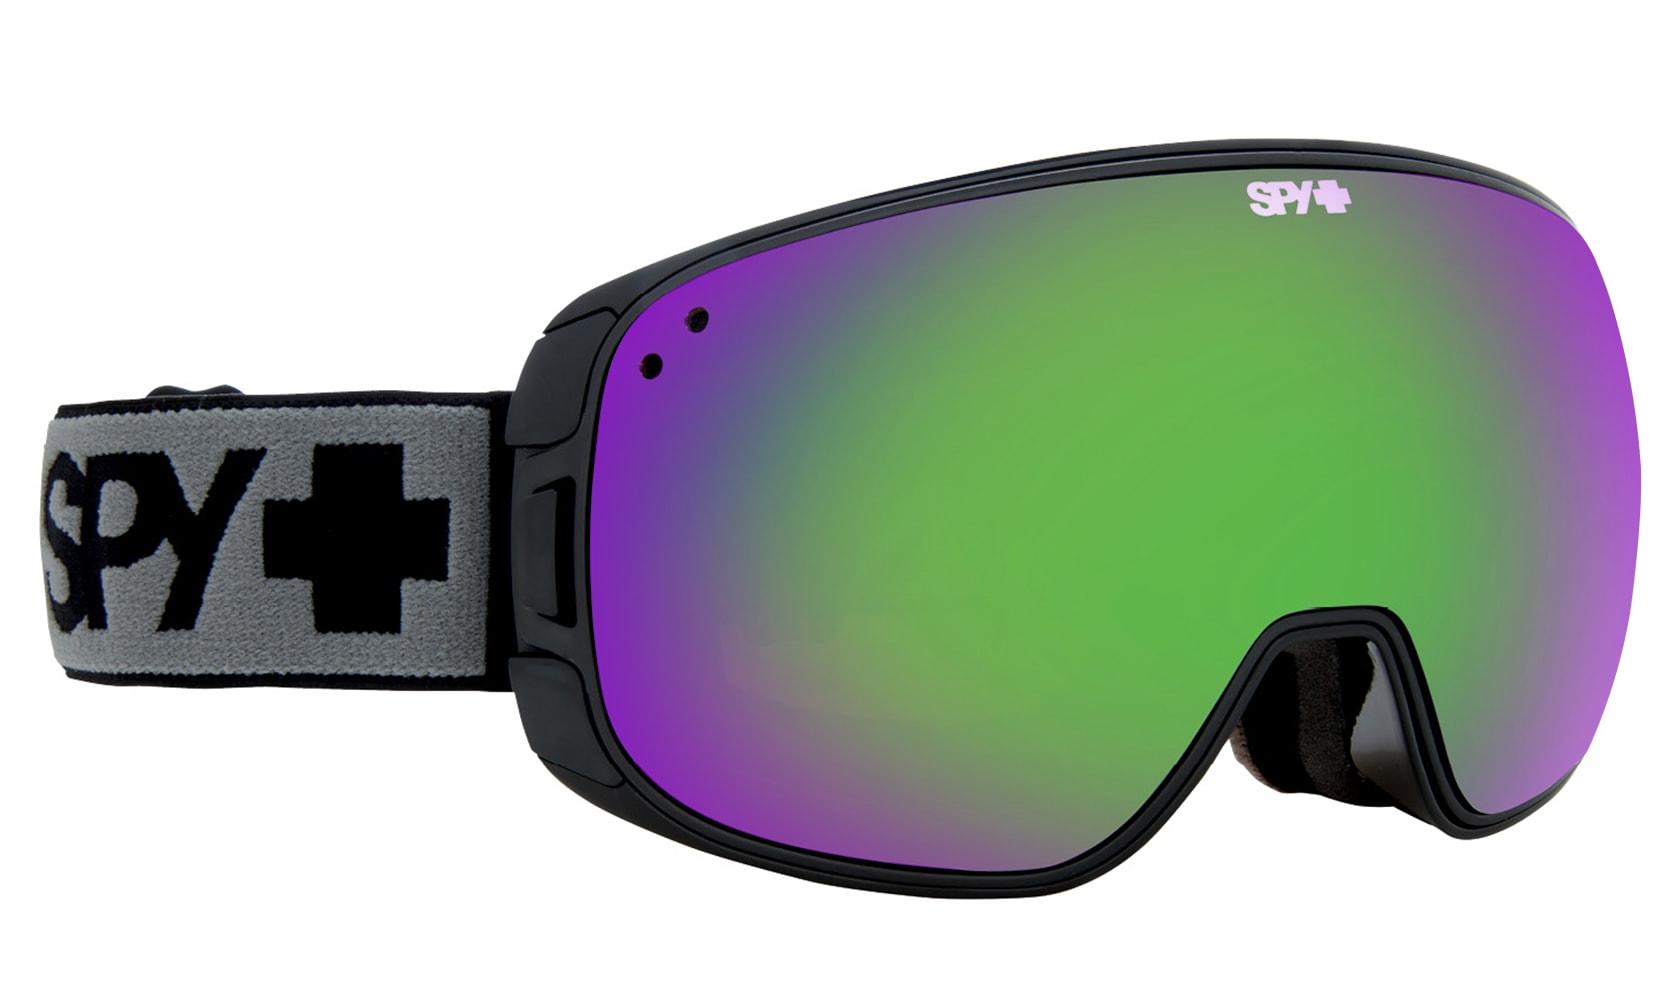 On Sale Spy Bravo Goggles 2017